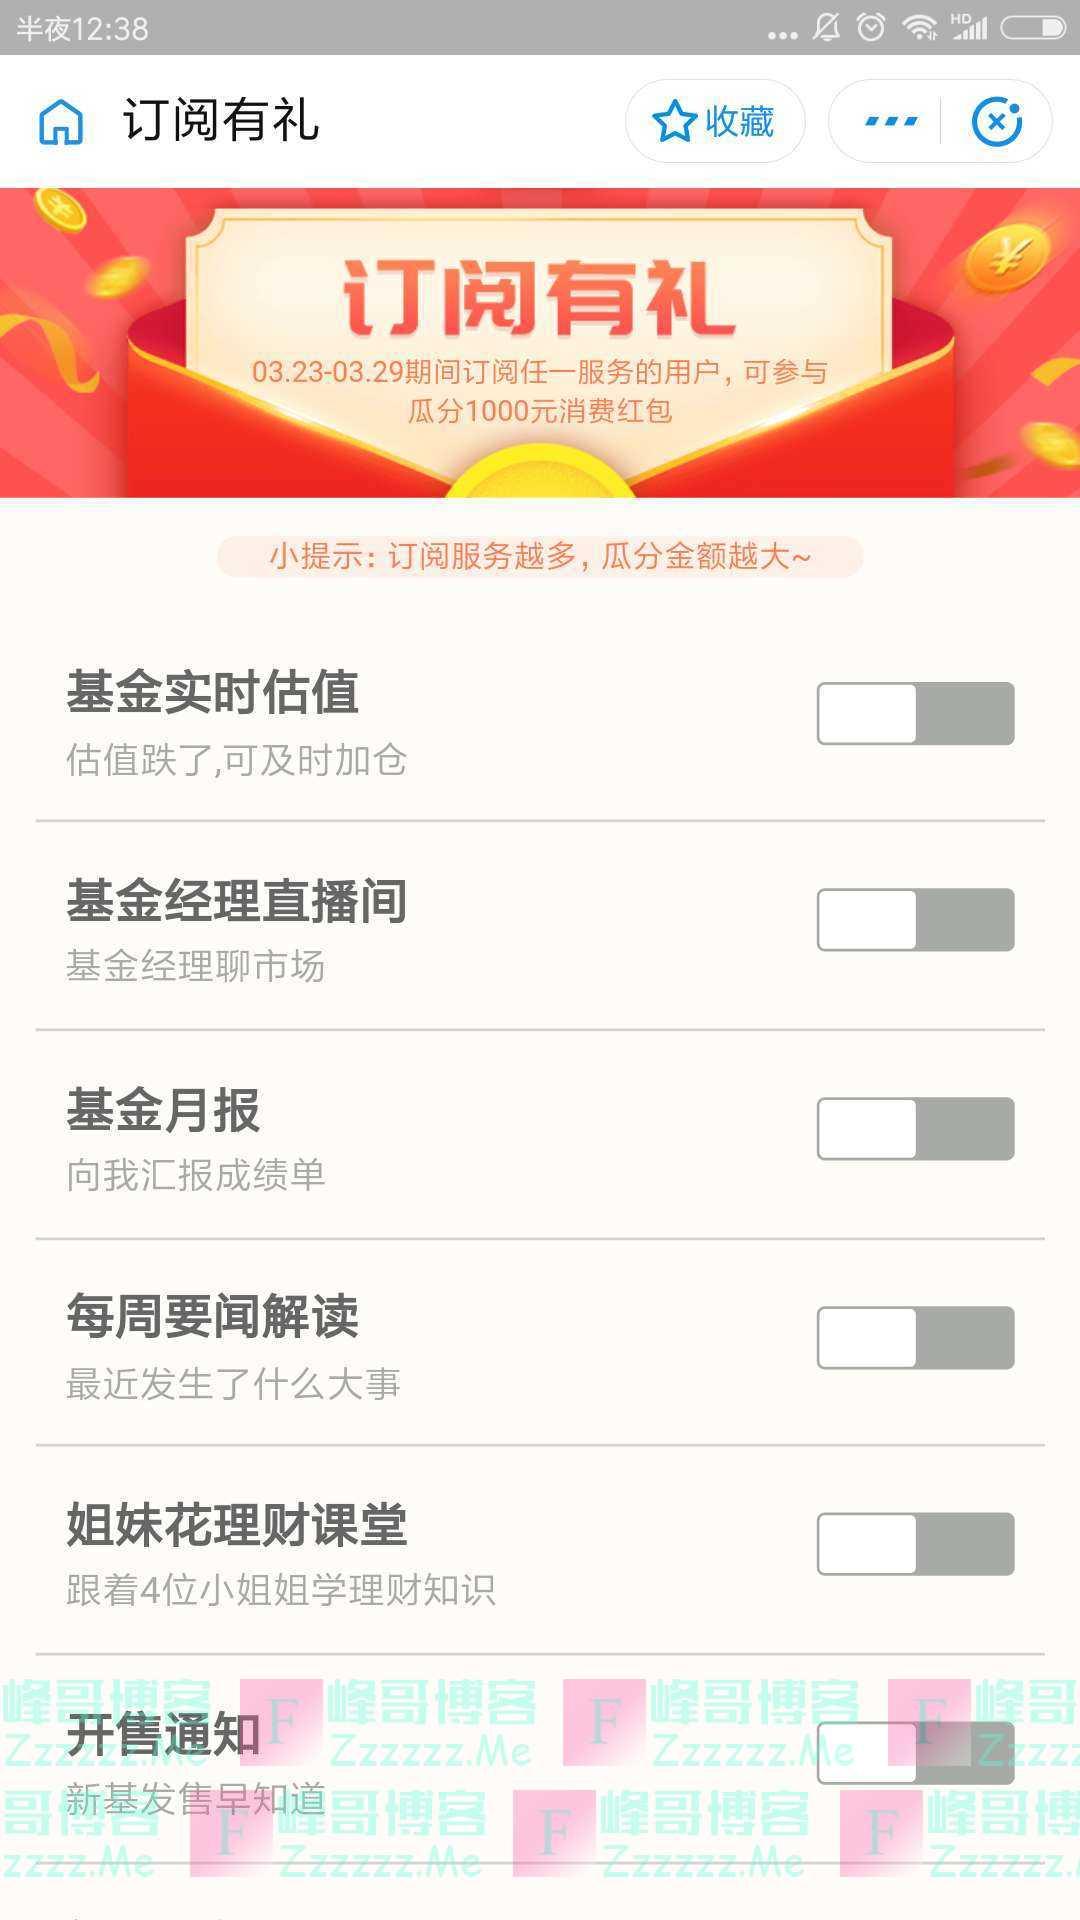 银华基金订阅有礼瓜分千元红包(截止3月29日)